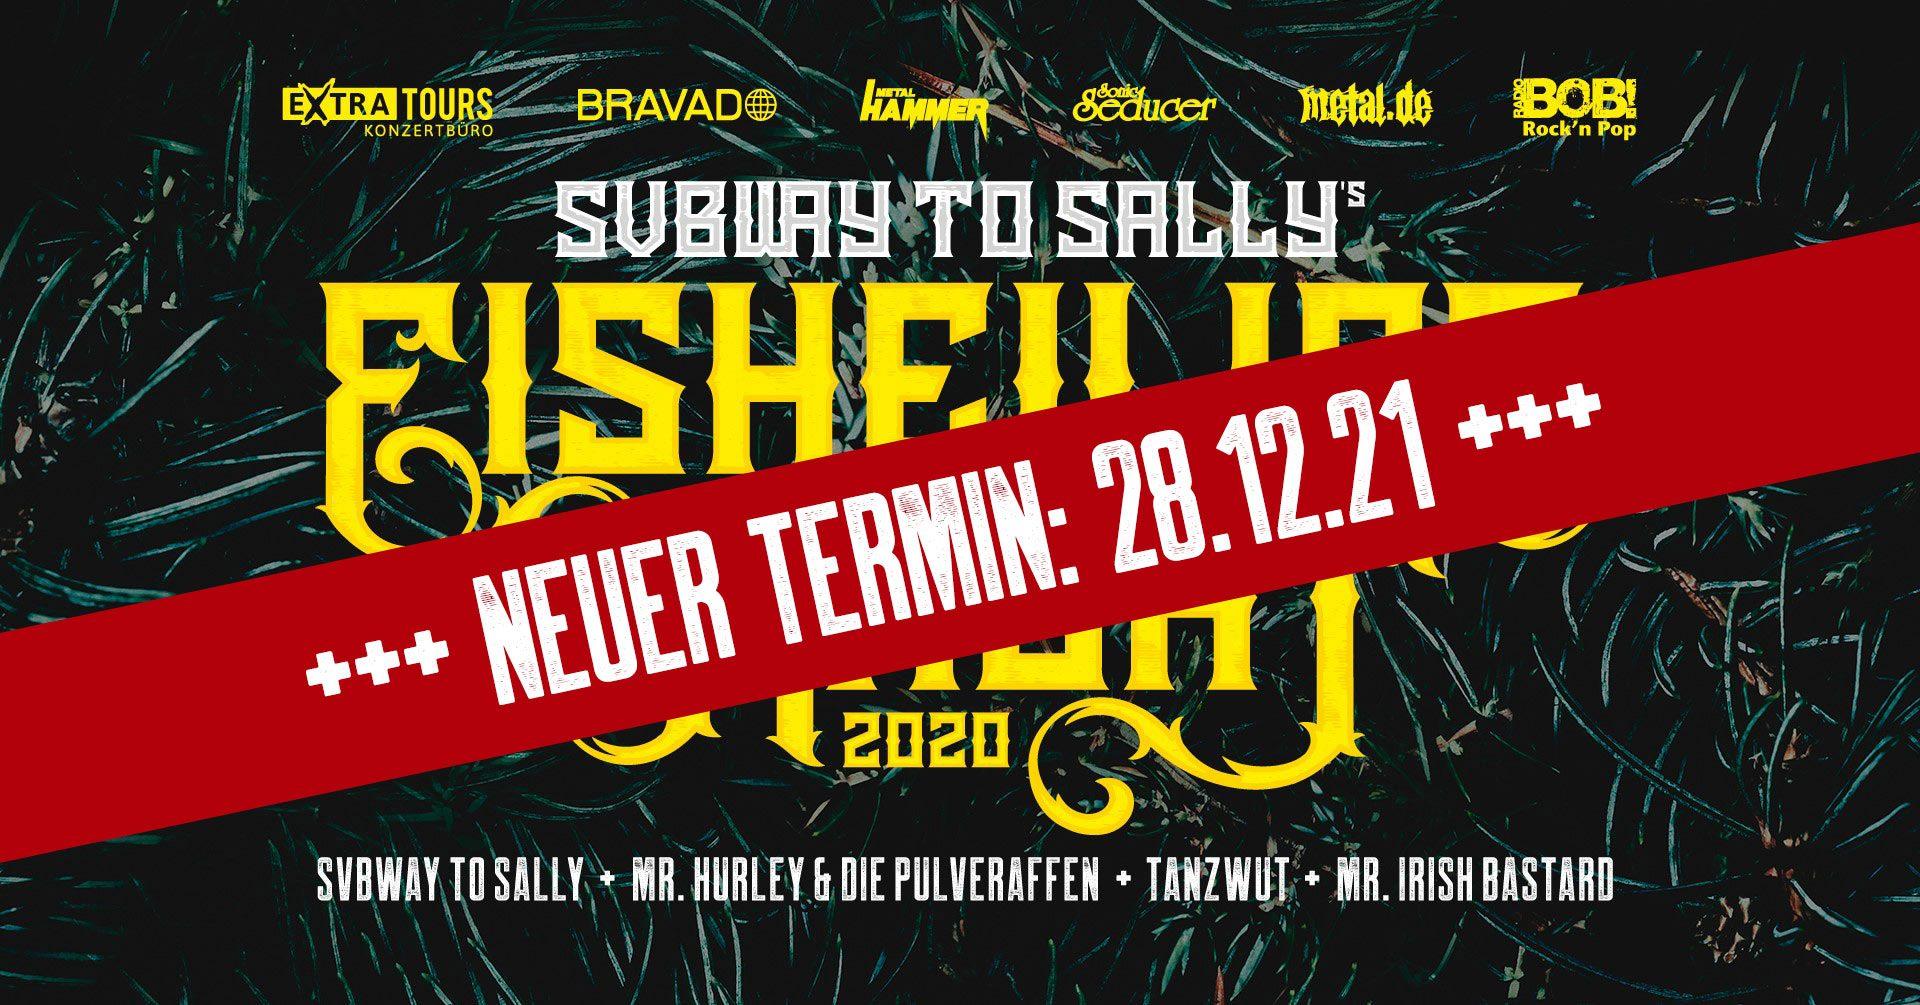 Eisheilige Nacht 2021 Gießen